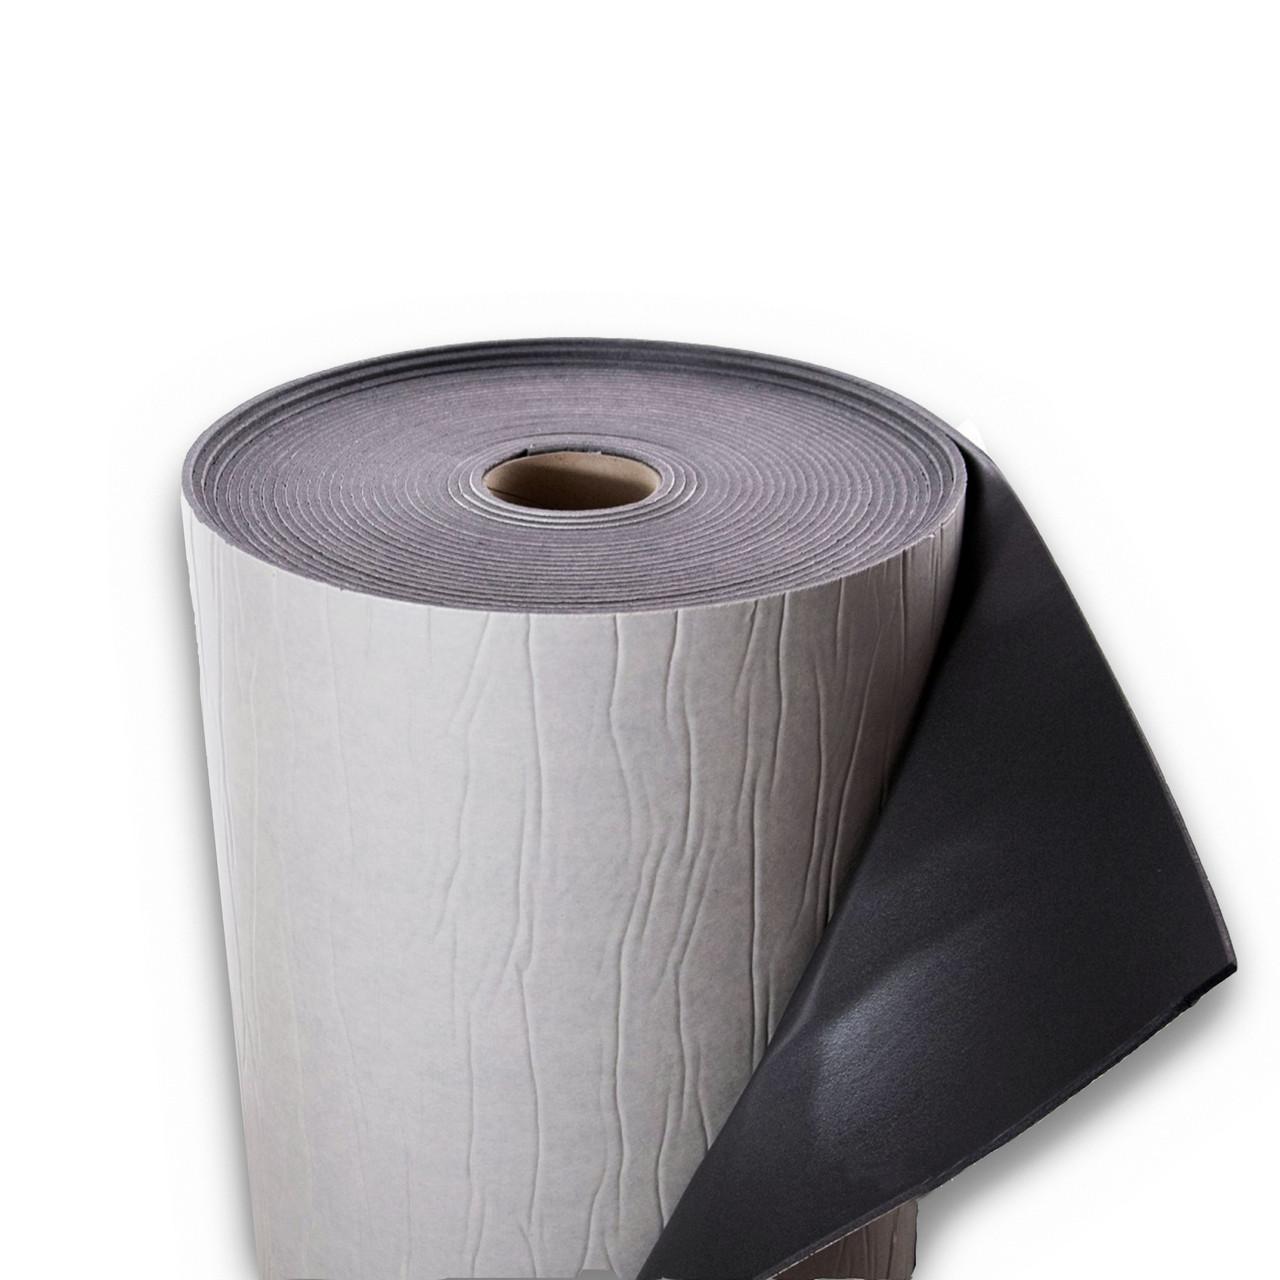 Физически сшитый вспененный полиэтилен самоклеящийся, 10 мм (темно-серый)